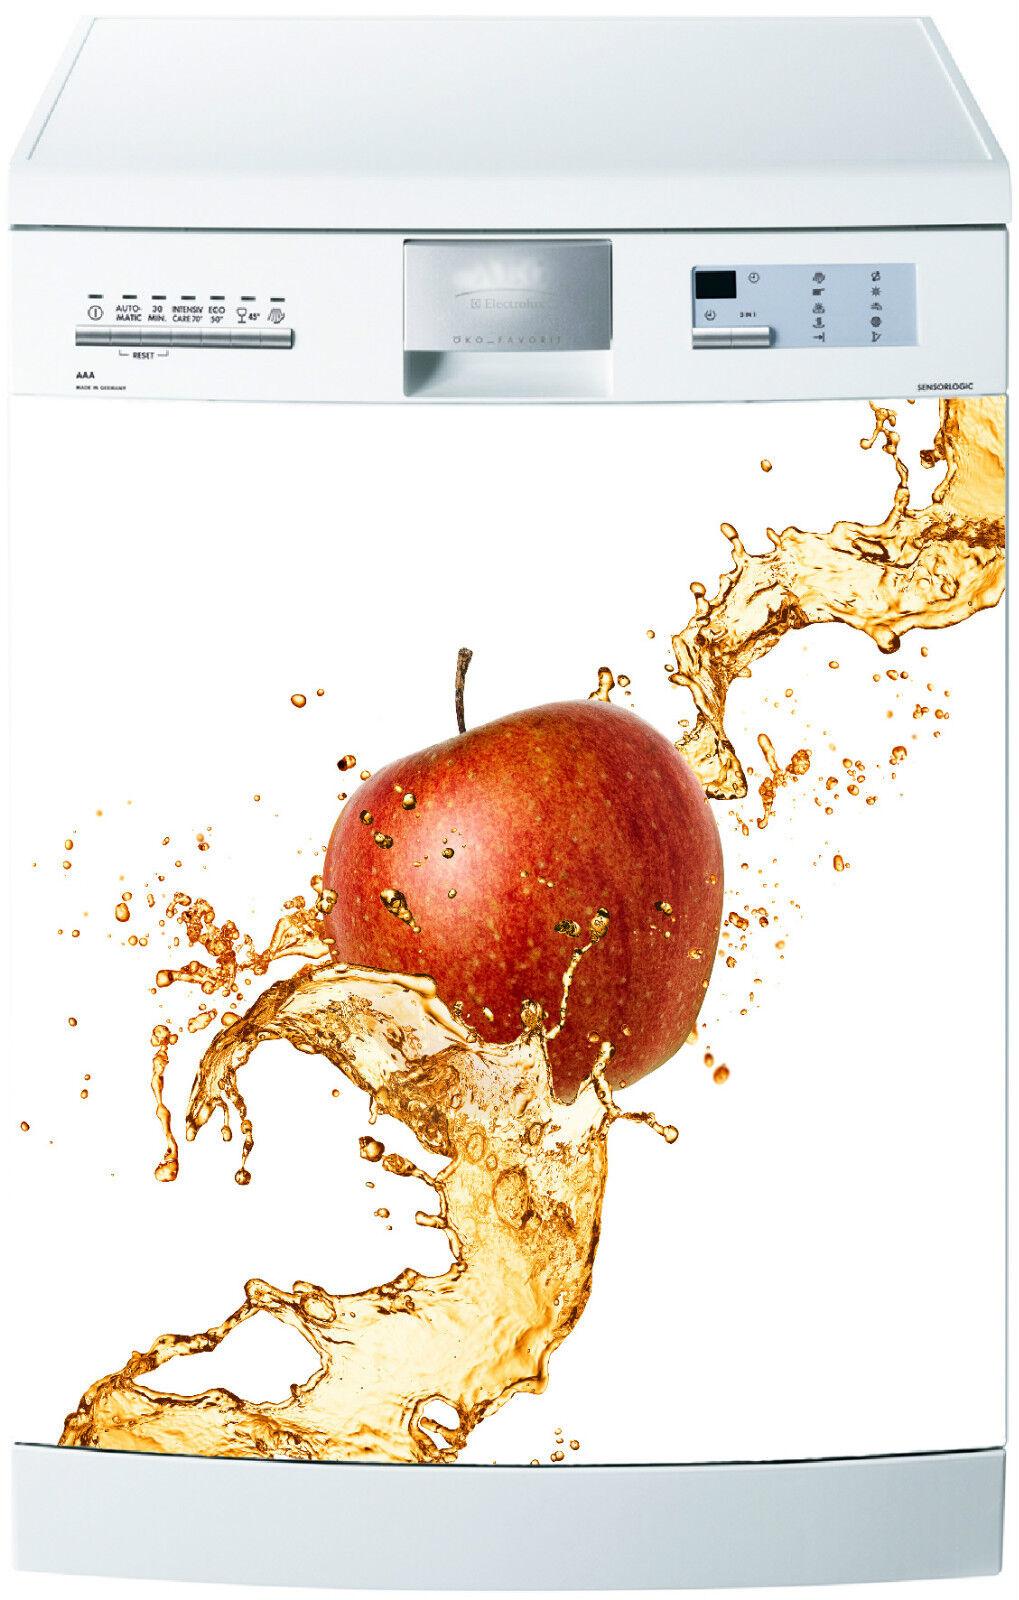 Adesivo Lavastoviglie Decocrazione Cucina Elettrodomestici di Mela 701 60x60cm